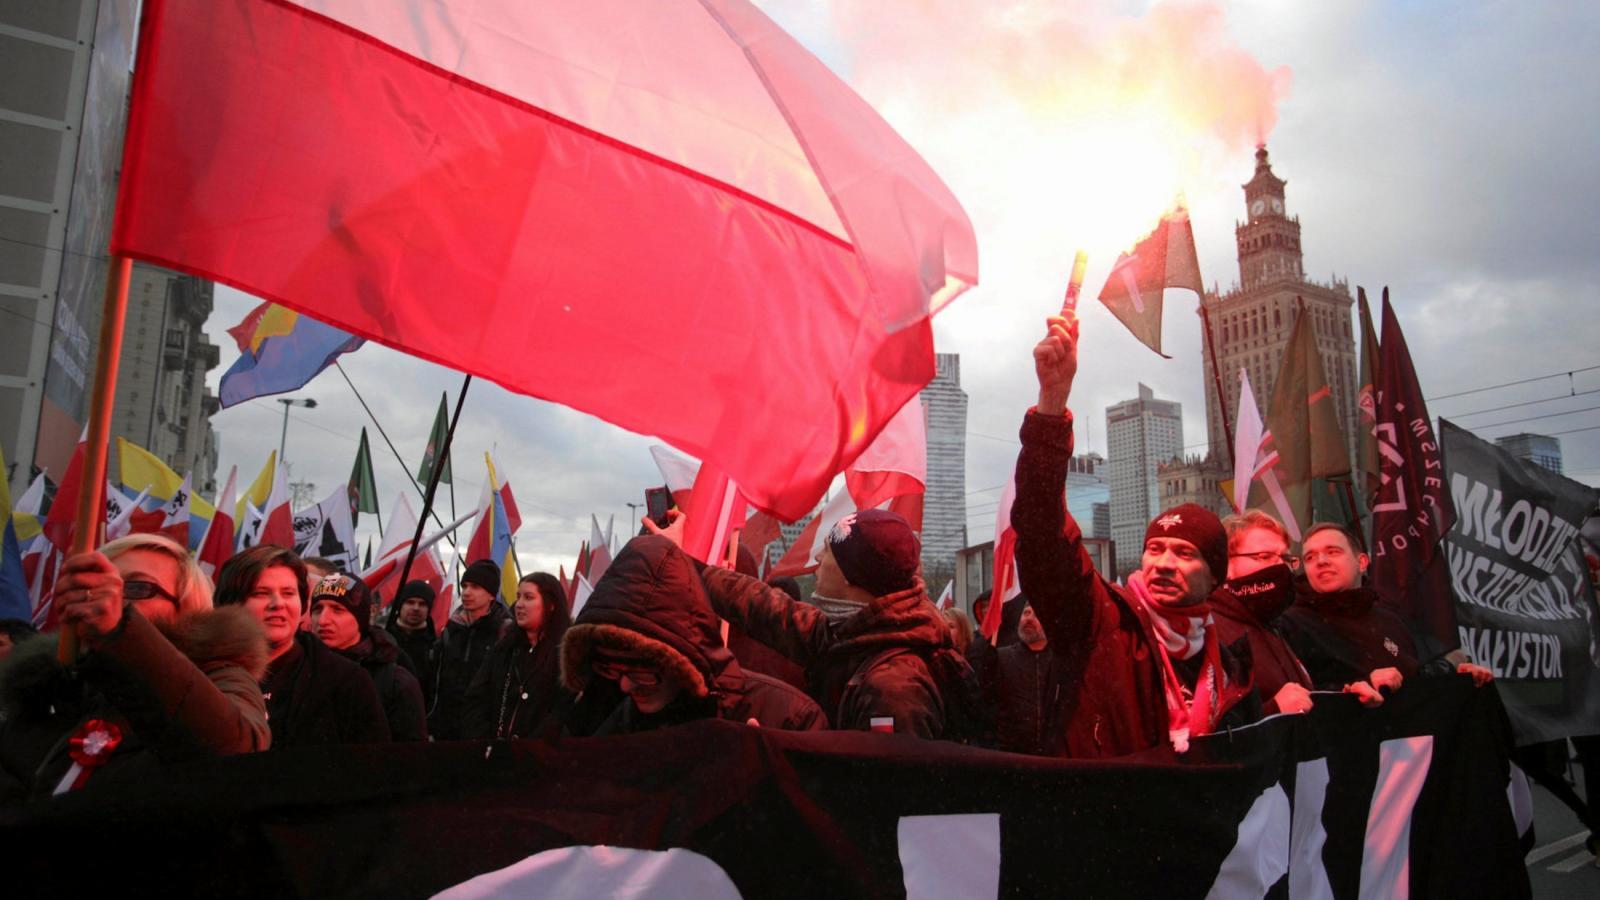 Akce radikálních nacionalistických skupin ve Varšavě